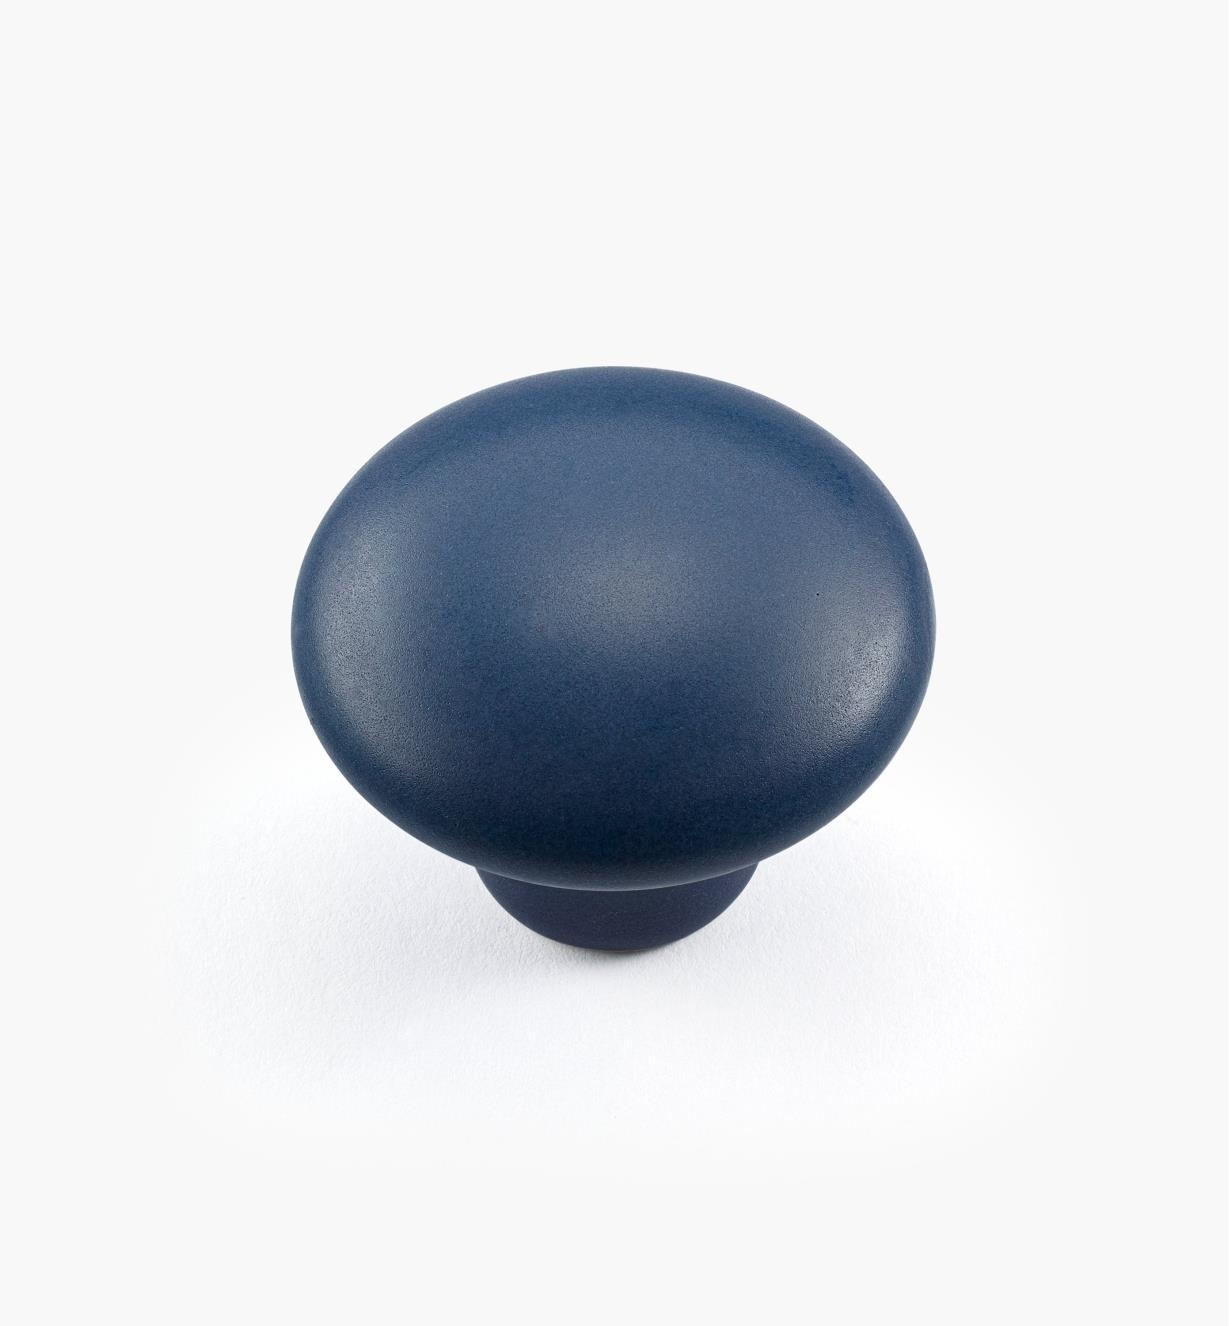 00W5282 - Bouton satiné, bleu, 1 3/8 po x 1 1/8 po